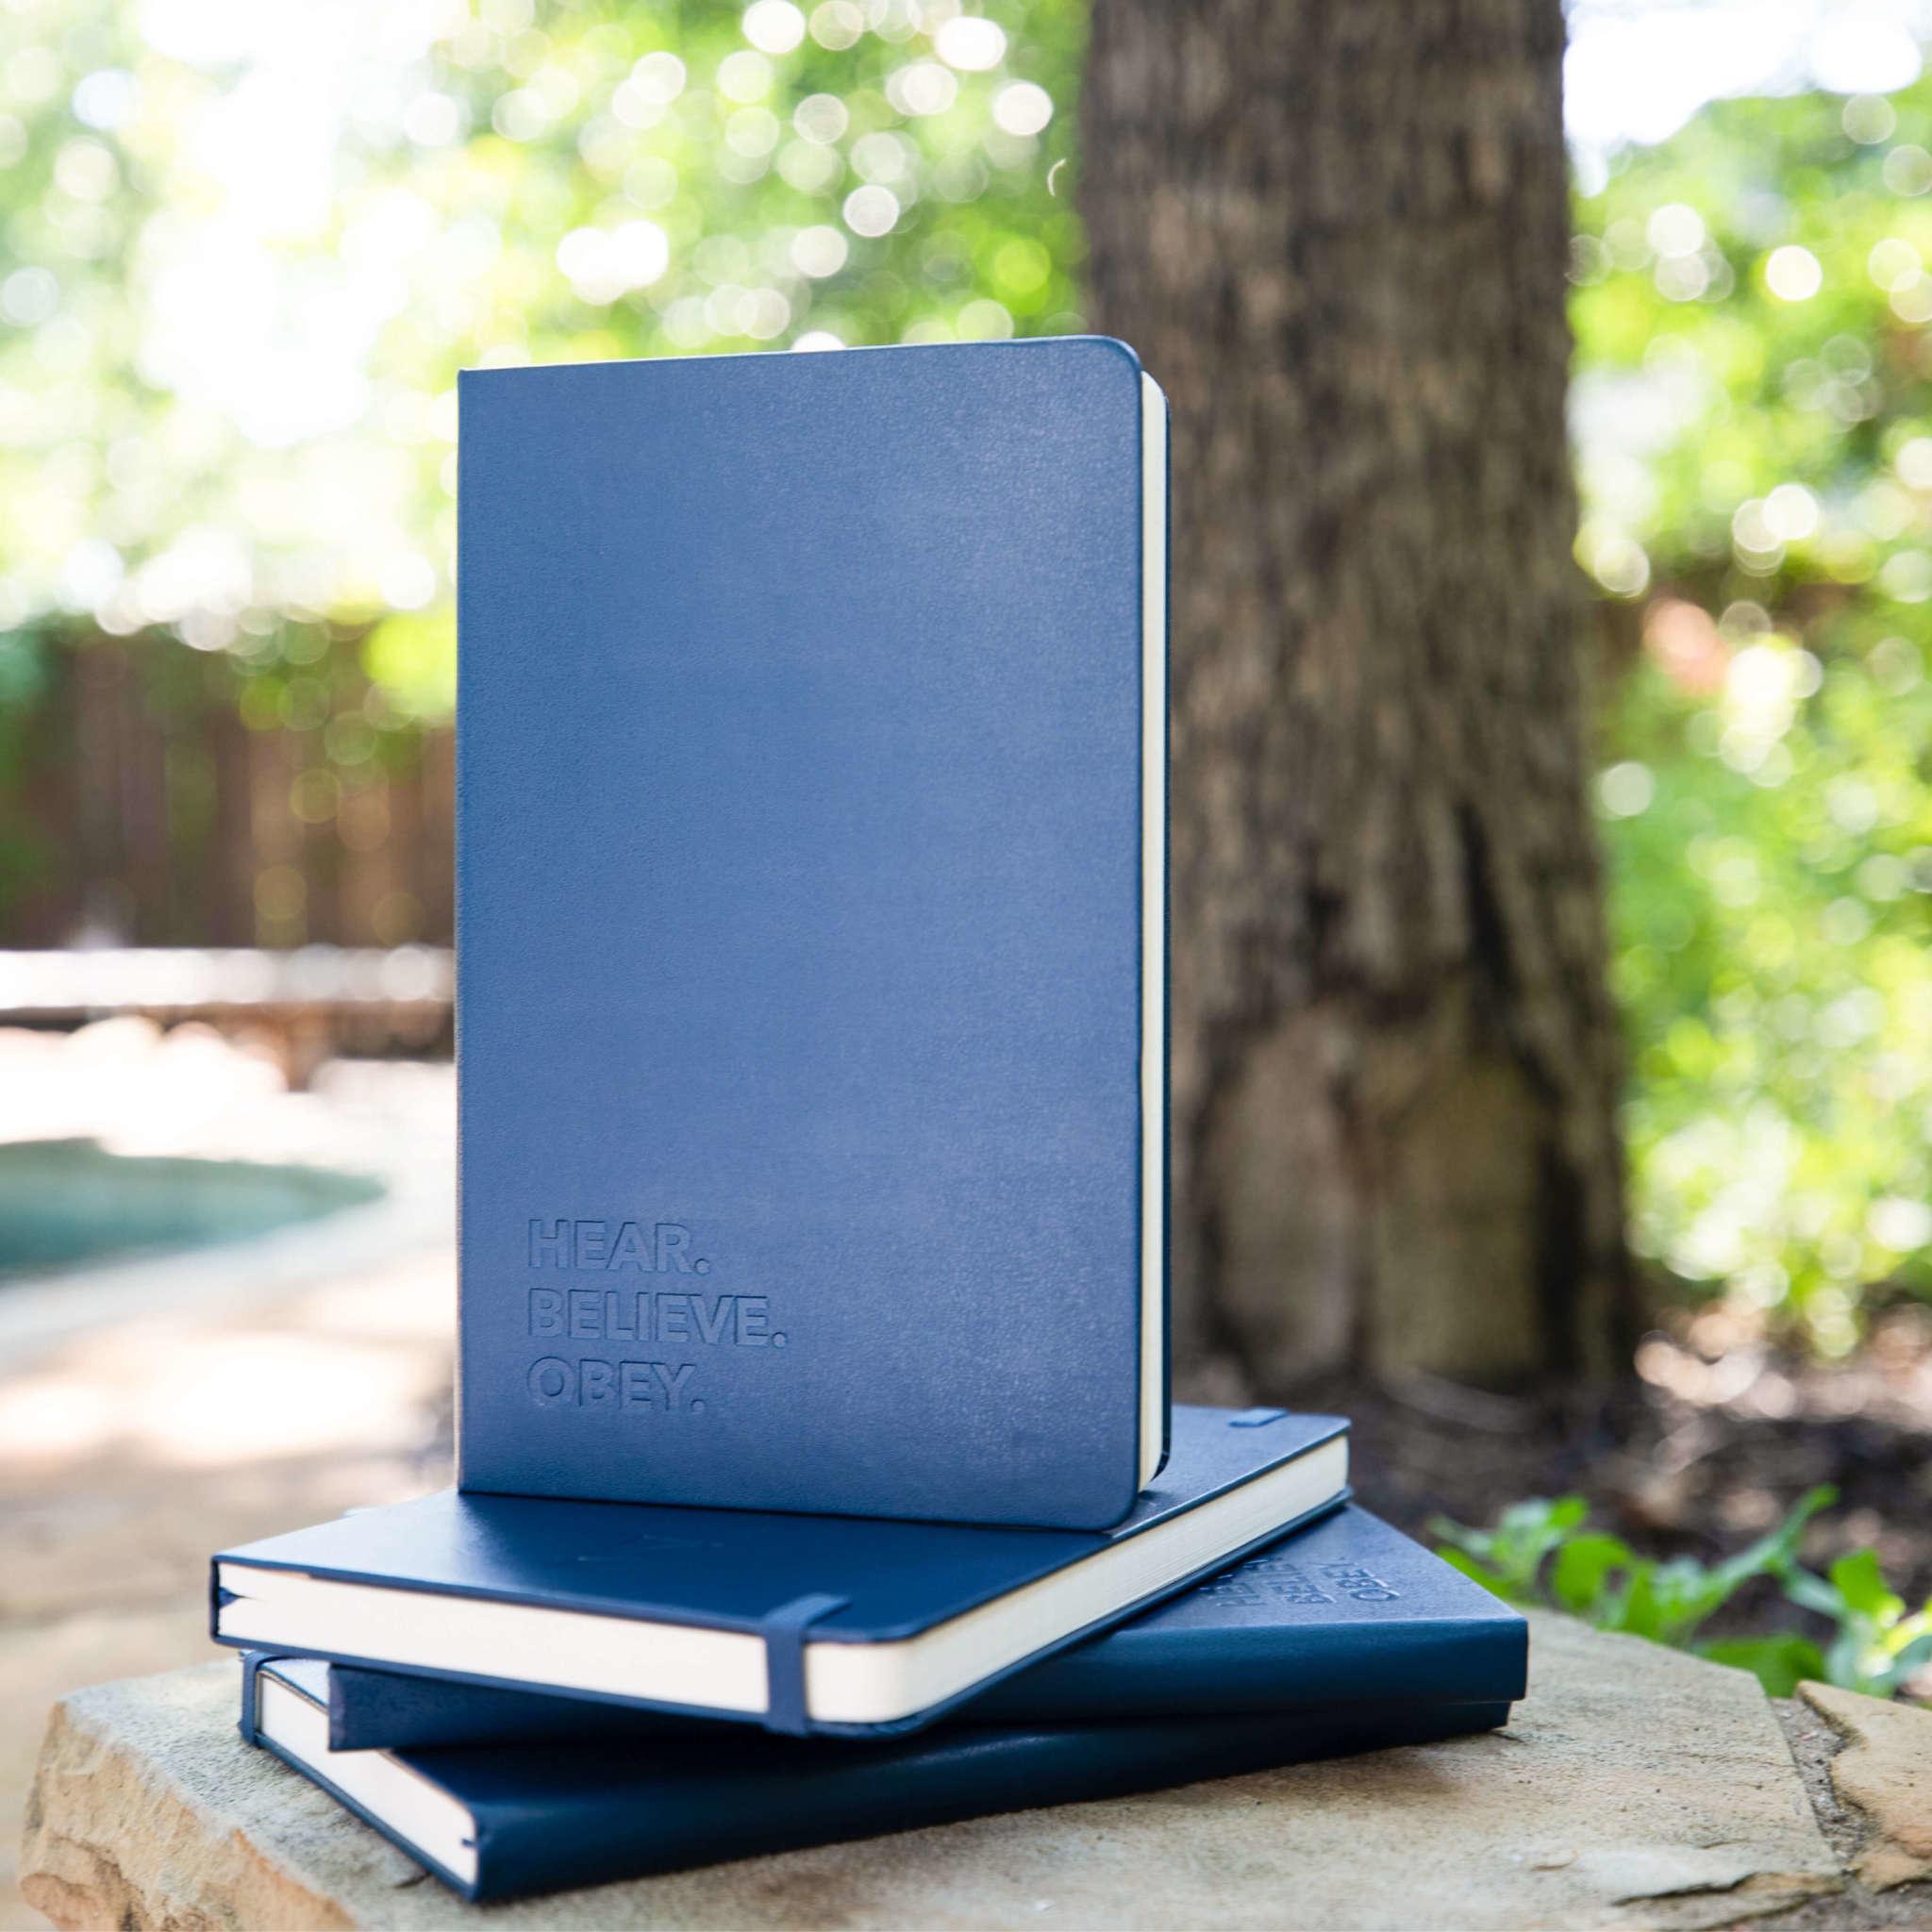 Journal - Hear Believe Obey